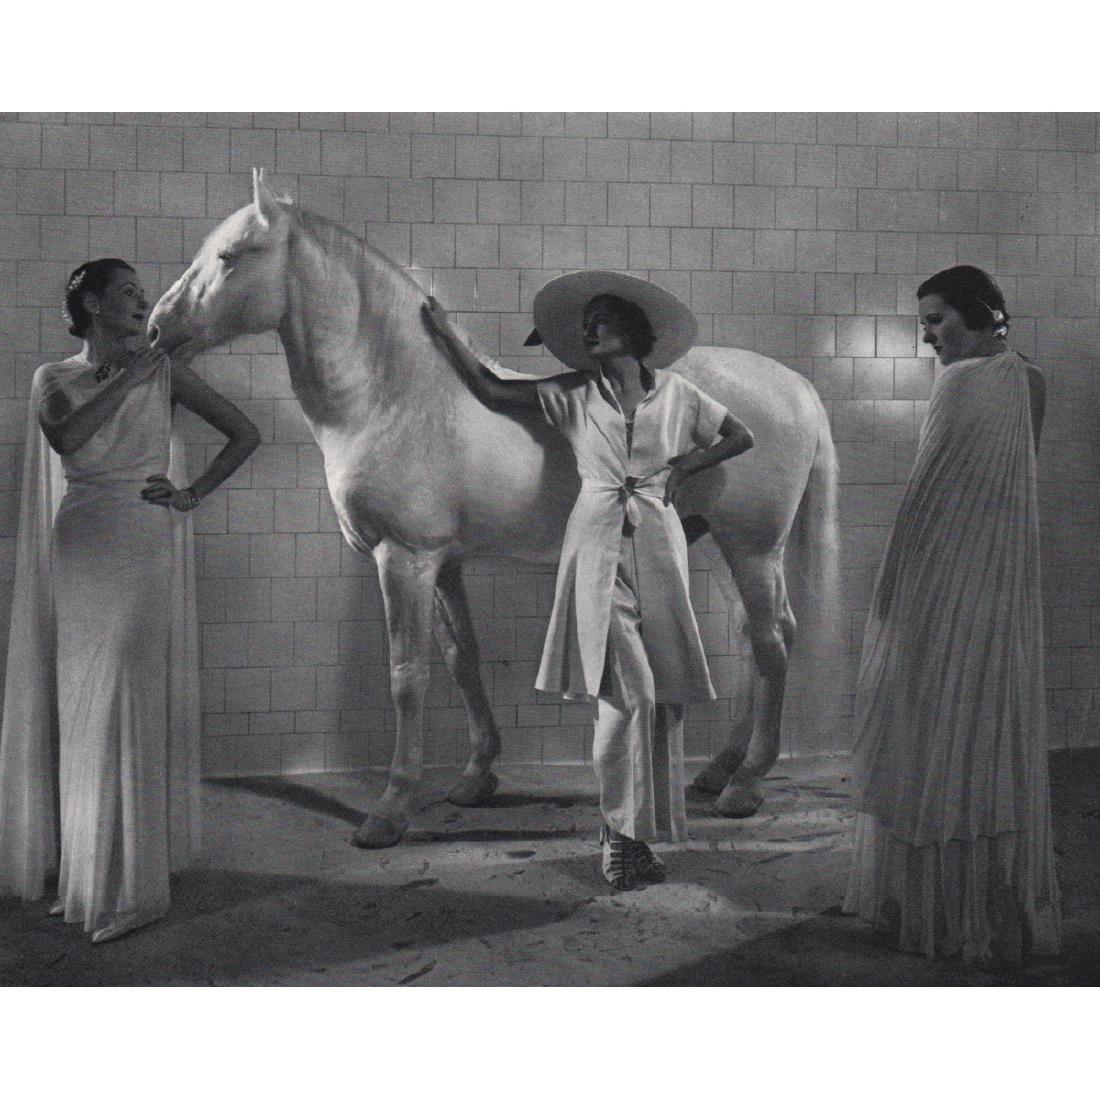 EDWARD STEICHEN - Vogue Fashion: White